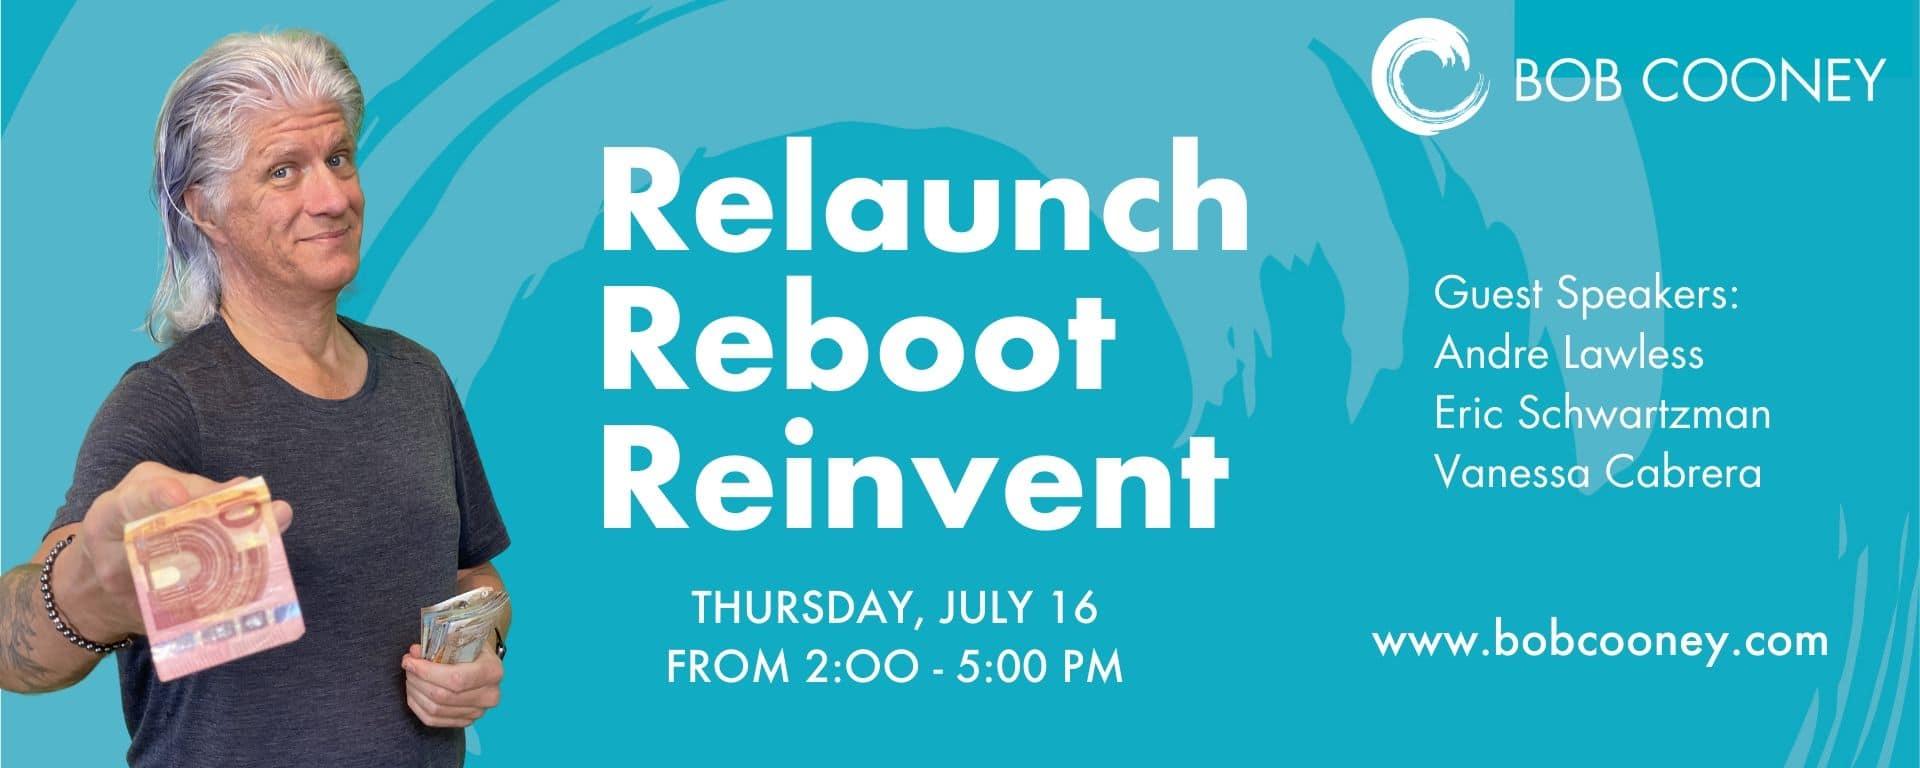 Relaunch, Reboot, Reinvent